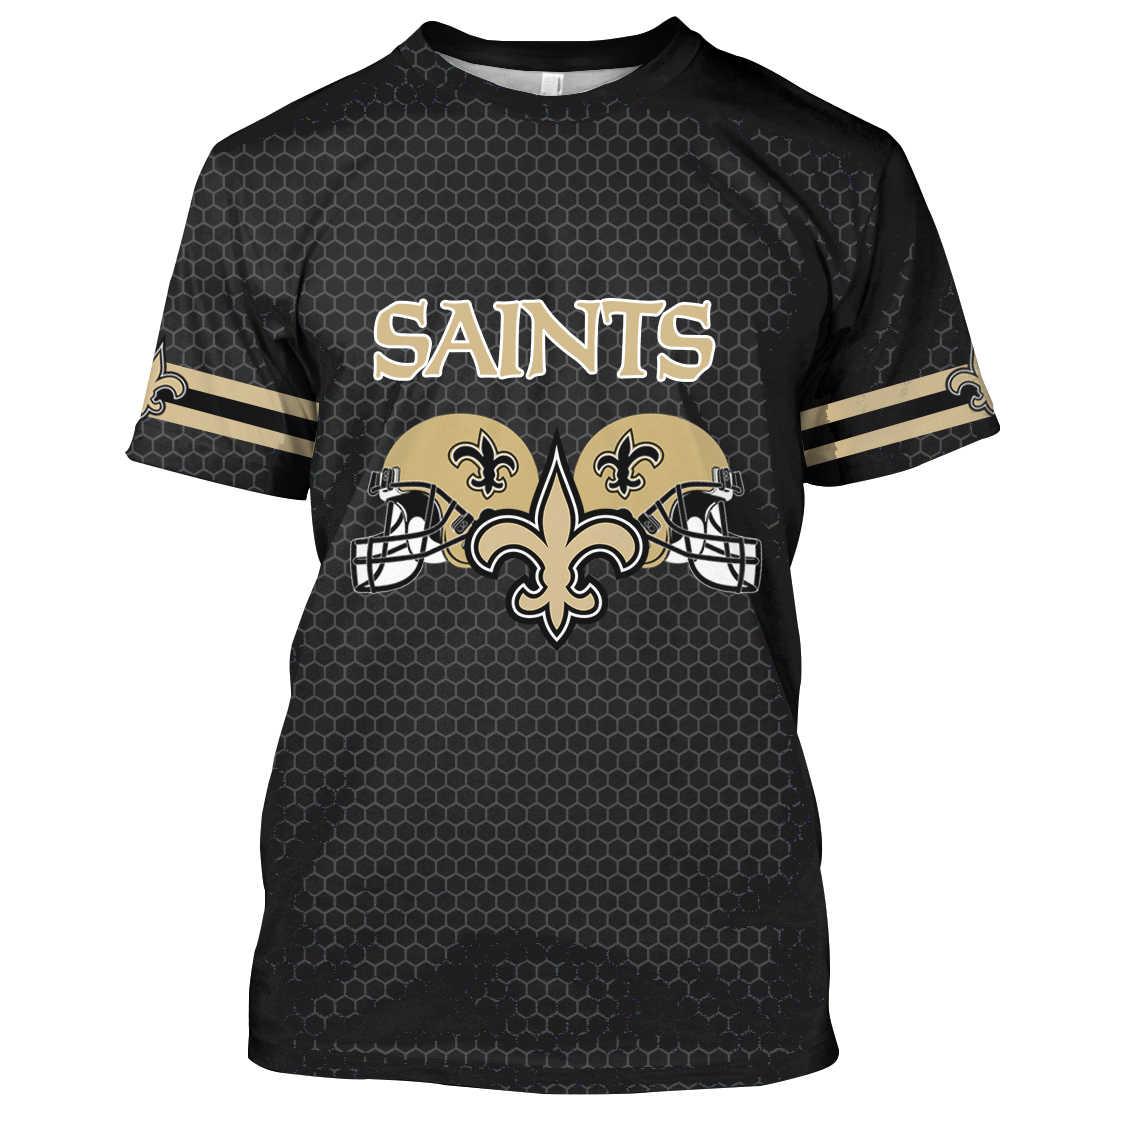 Rugby T Hemd Männer Streifen American Football Shirts Casual Sport Rugby Team Kleidung Kurzen Tops T 2020 Neue Zeit Begrenzte